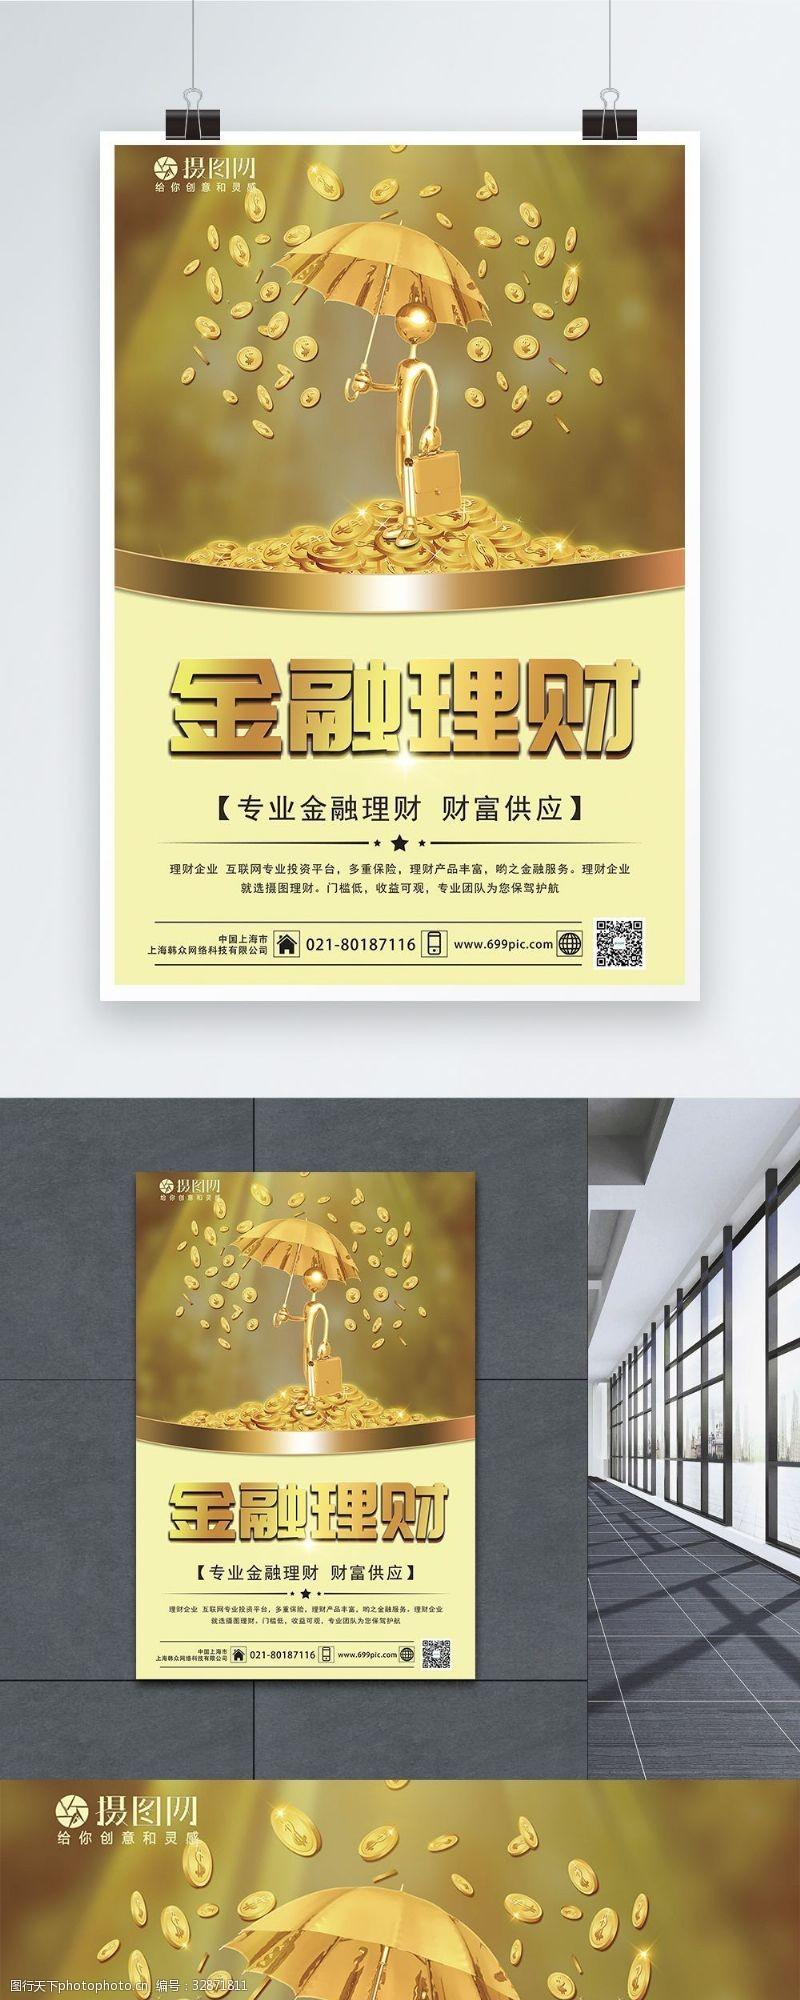 金色金融理财海报